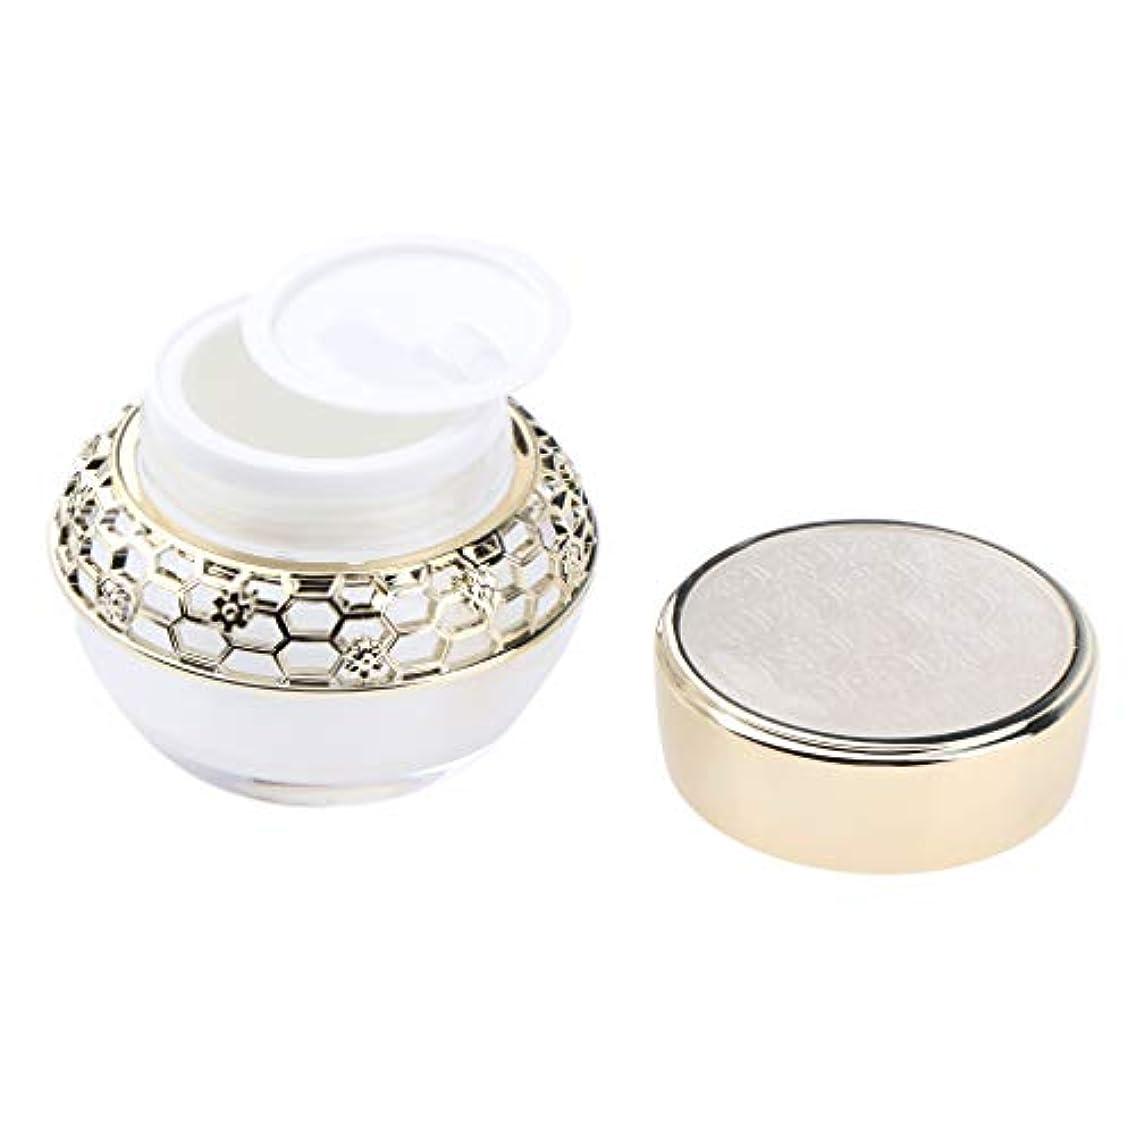 実験室カプセルリフトSM SunniMix クリーム 容器 クリームケース 化粧品 アクリル ローション 詰替え容器 2サイズ選べ - 50g